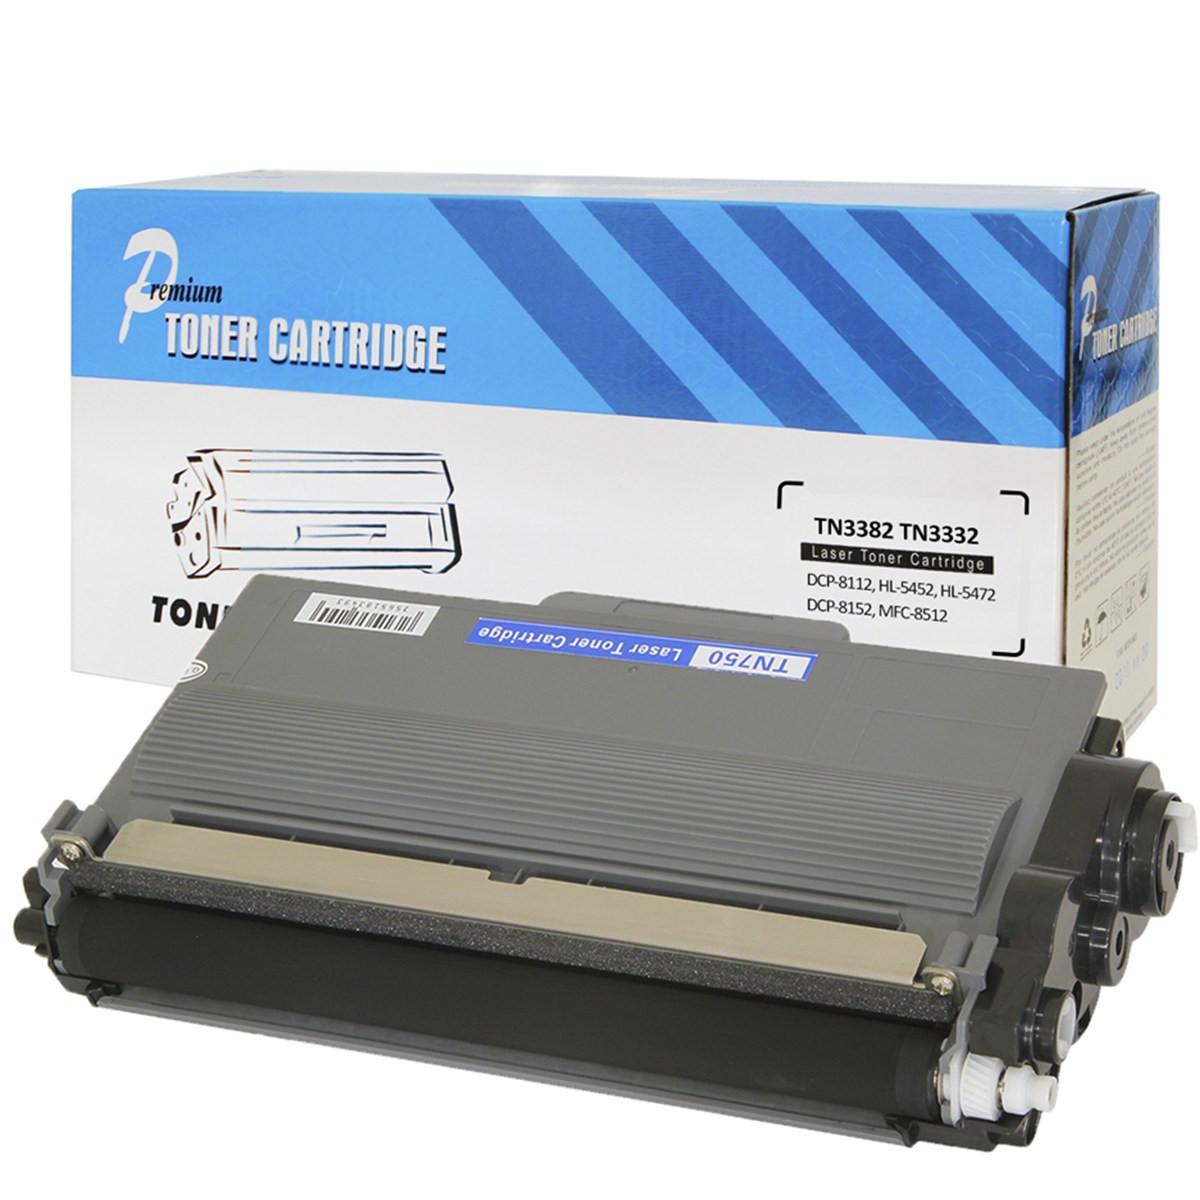 Toner Compatível com Brother TN720 | DCP-8110DN DCP-8150DN HL-5450DW HL-5470DW MFC-8510DN Premium 8k